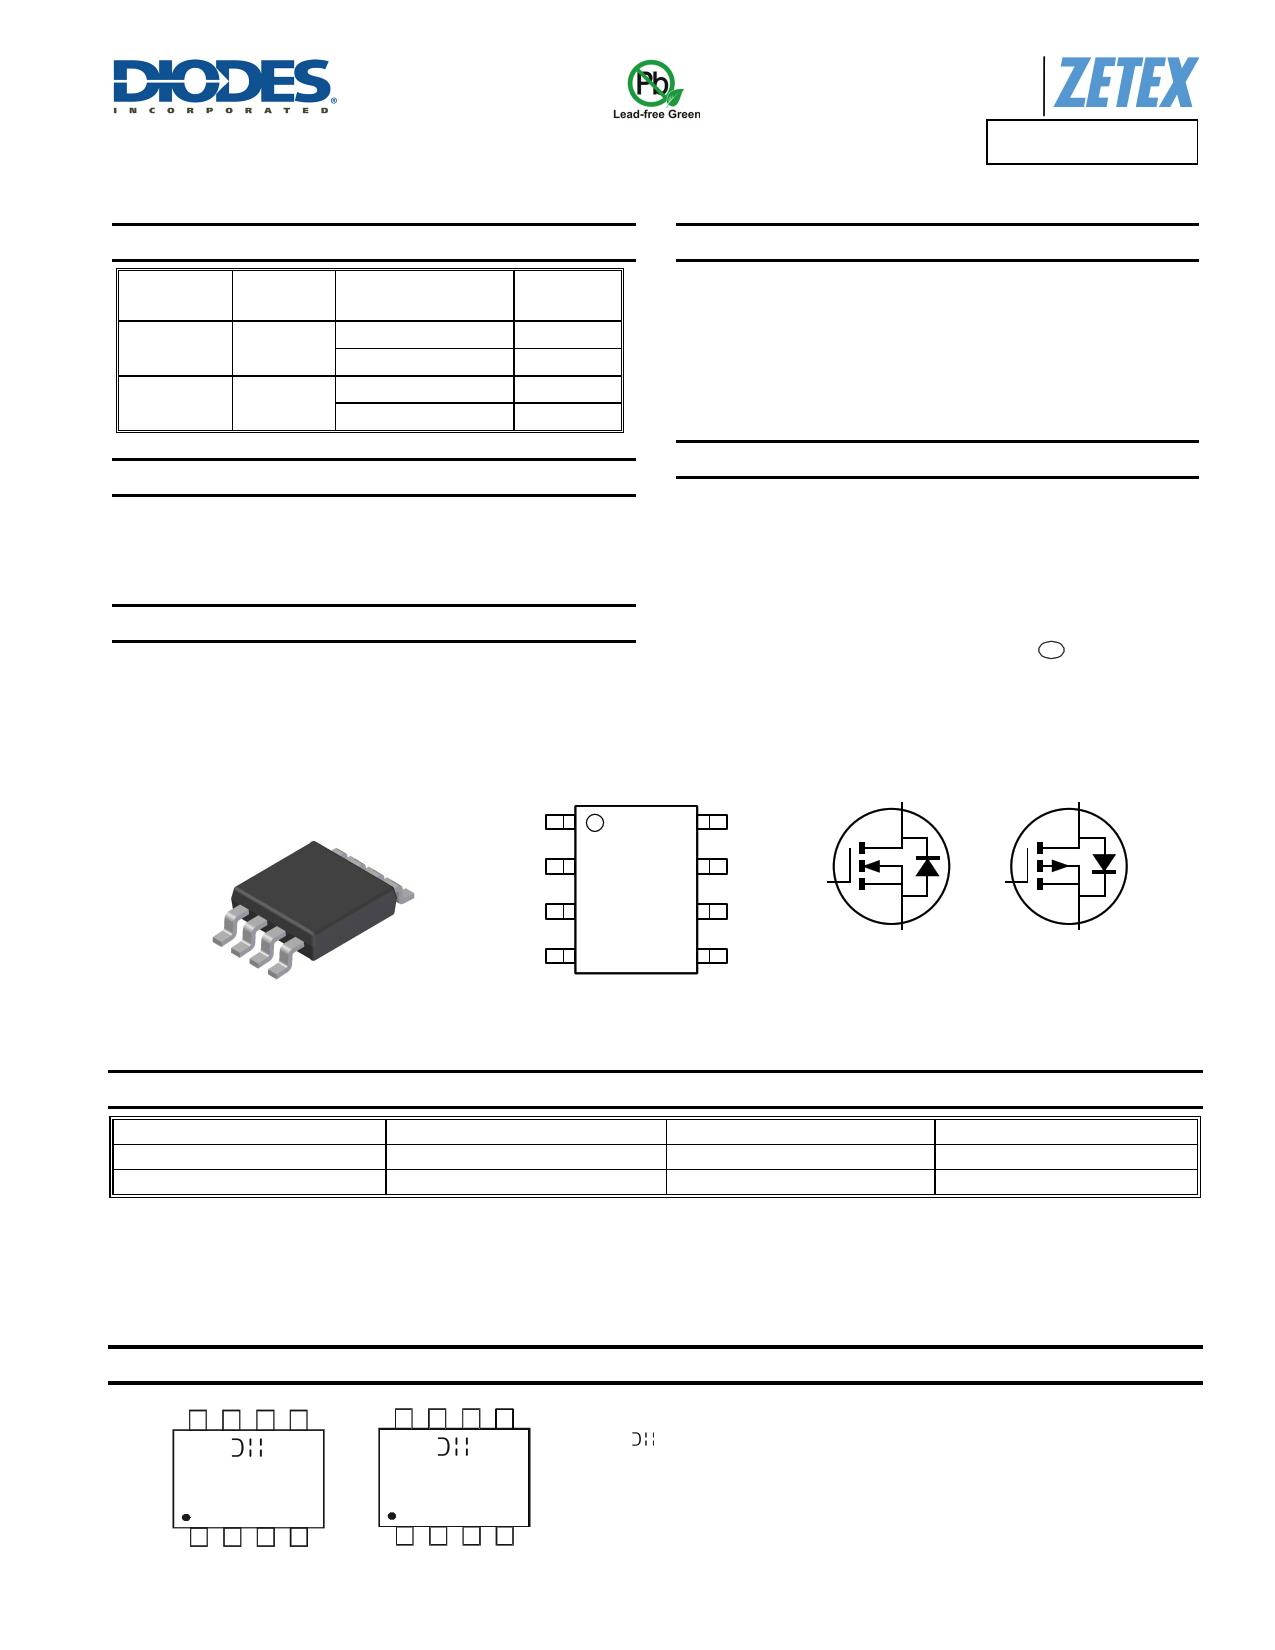 DMC4028SSD datasheet